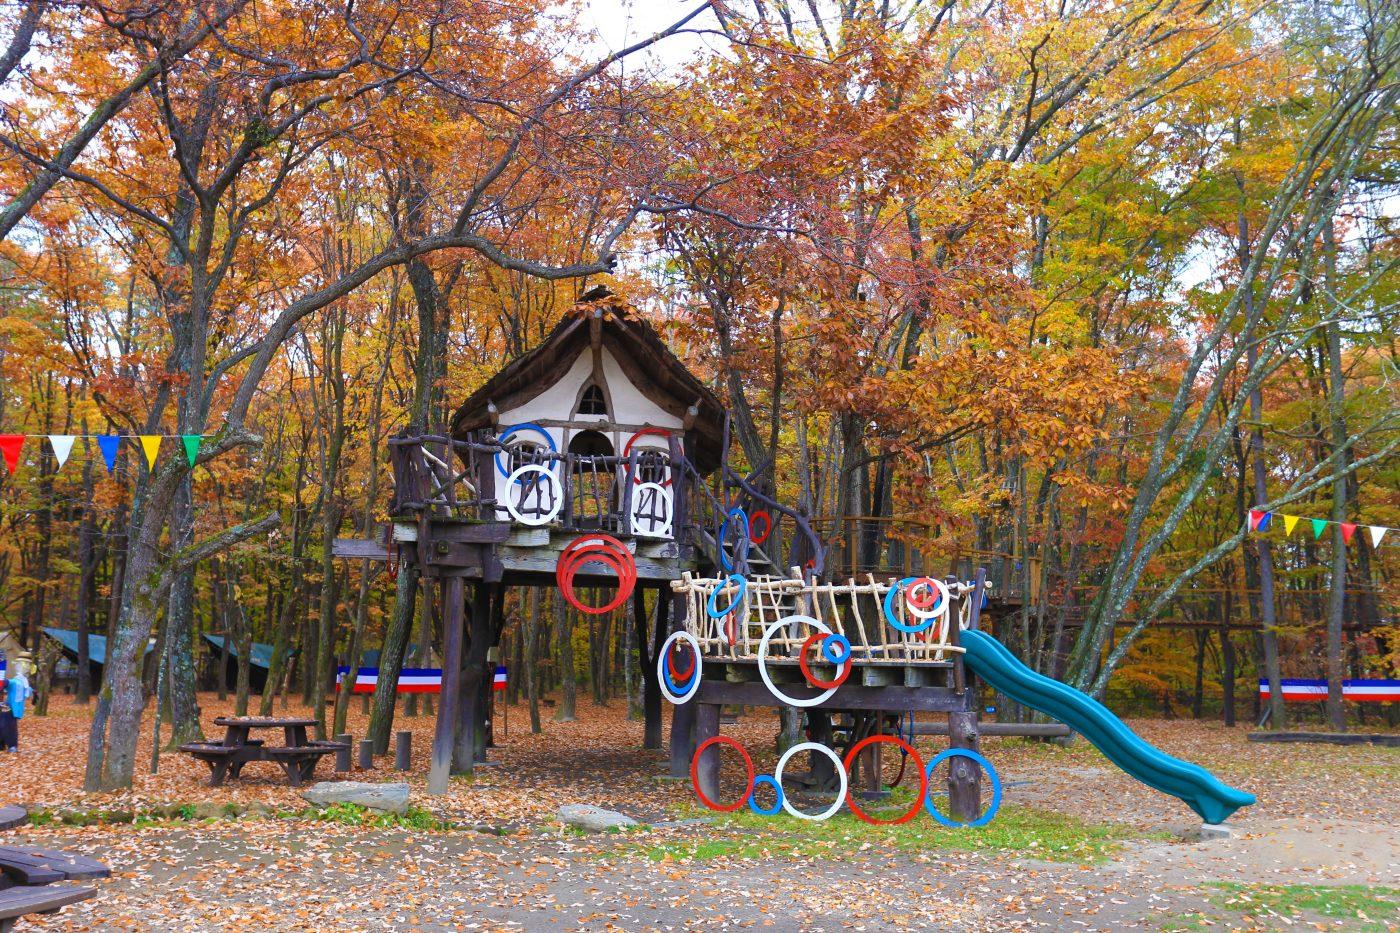 子供達とキャンプ場の施設で遊ぶのもいいですね。元気いっぱい遊びましょう。